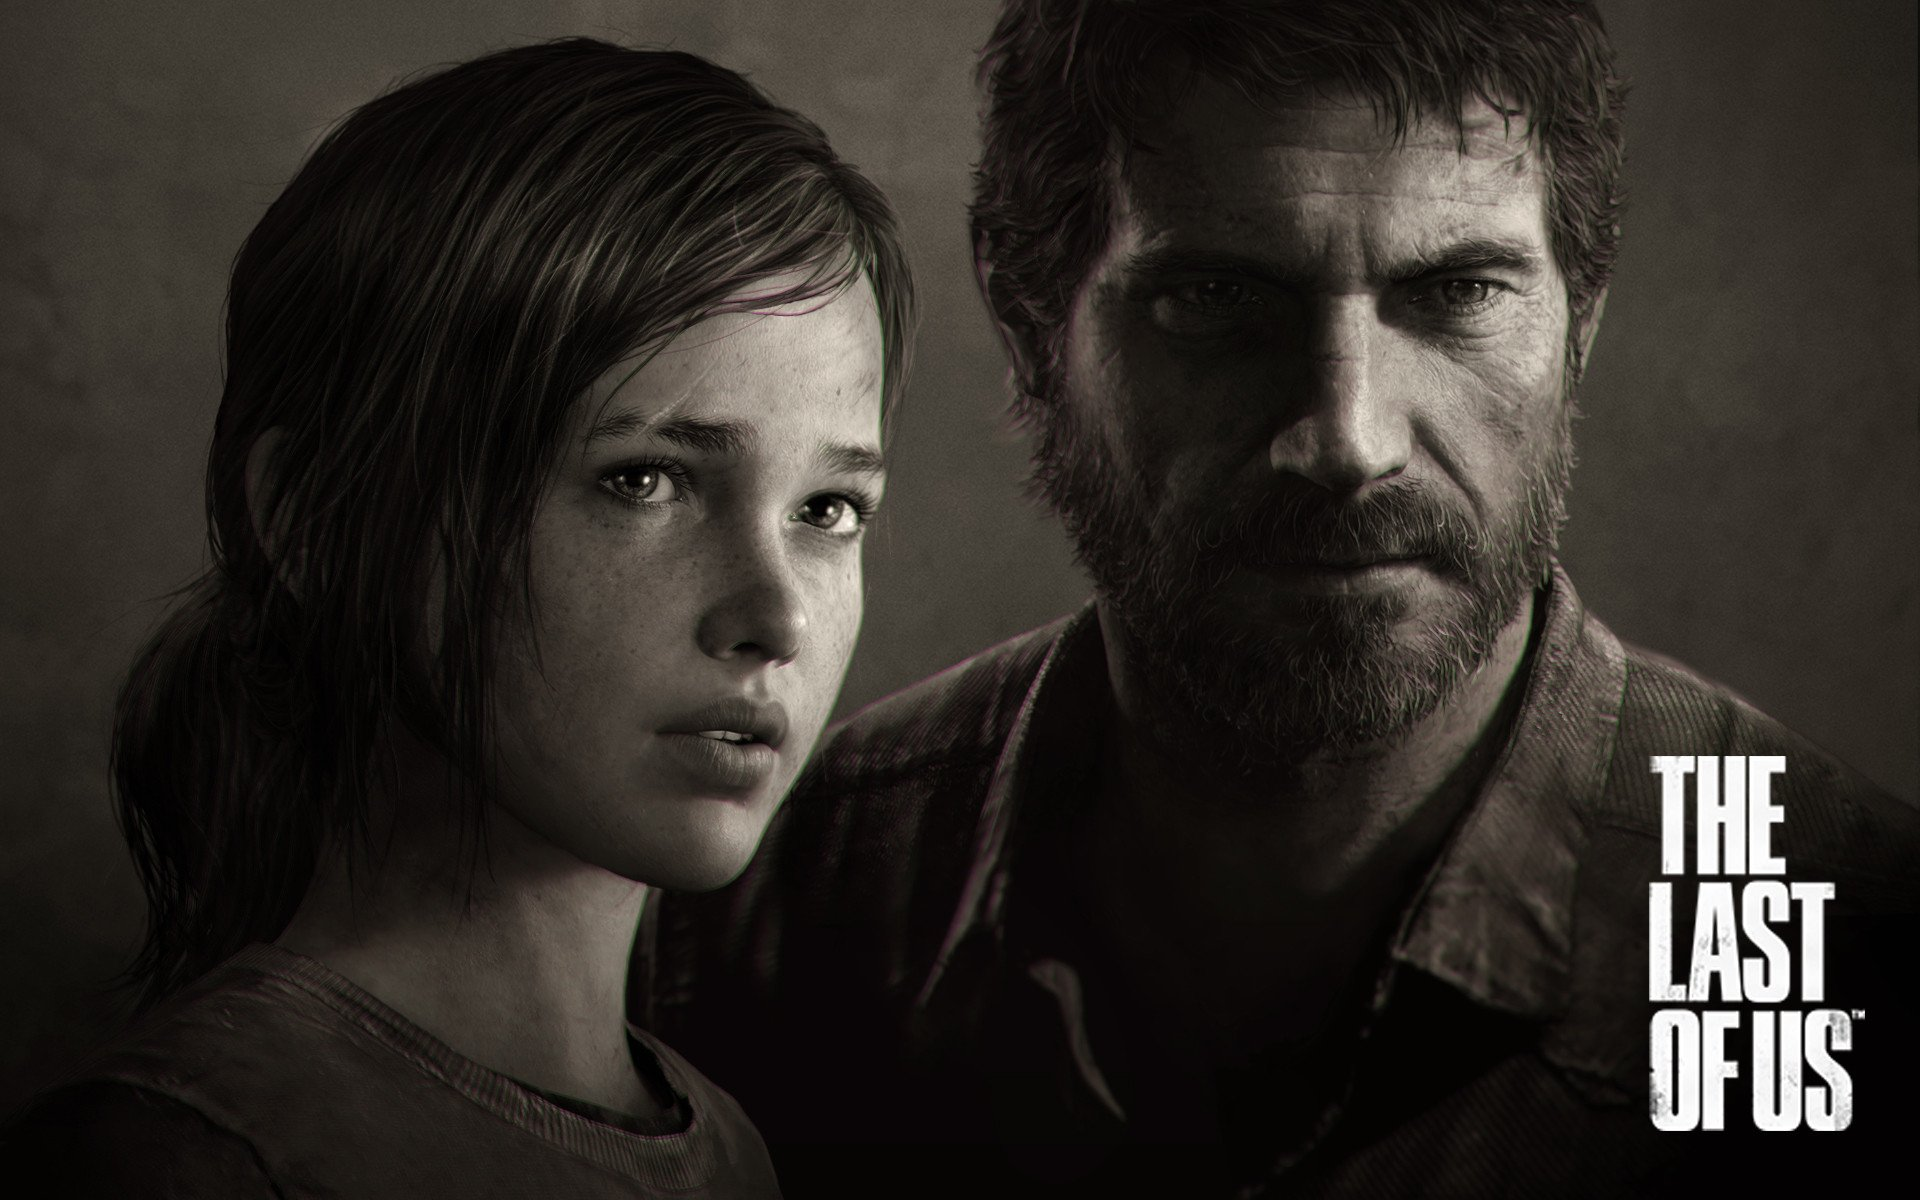 The Last of Us: резиновые эмоции. - Изображение 1